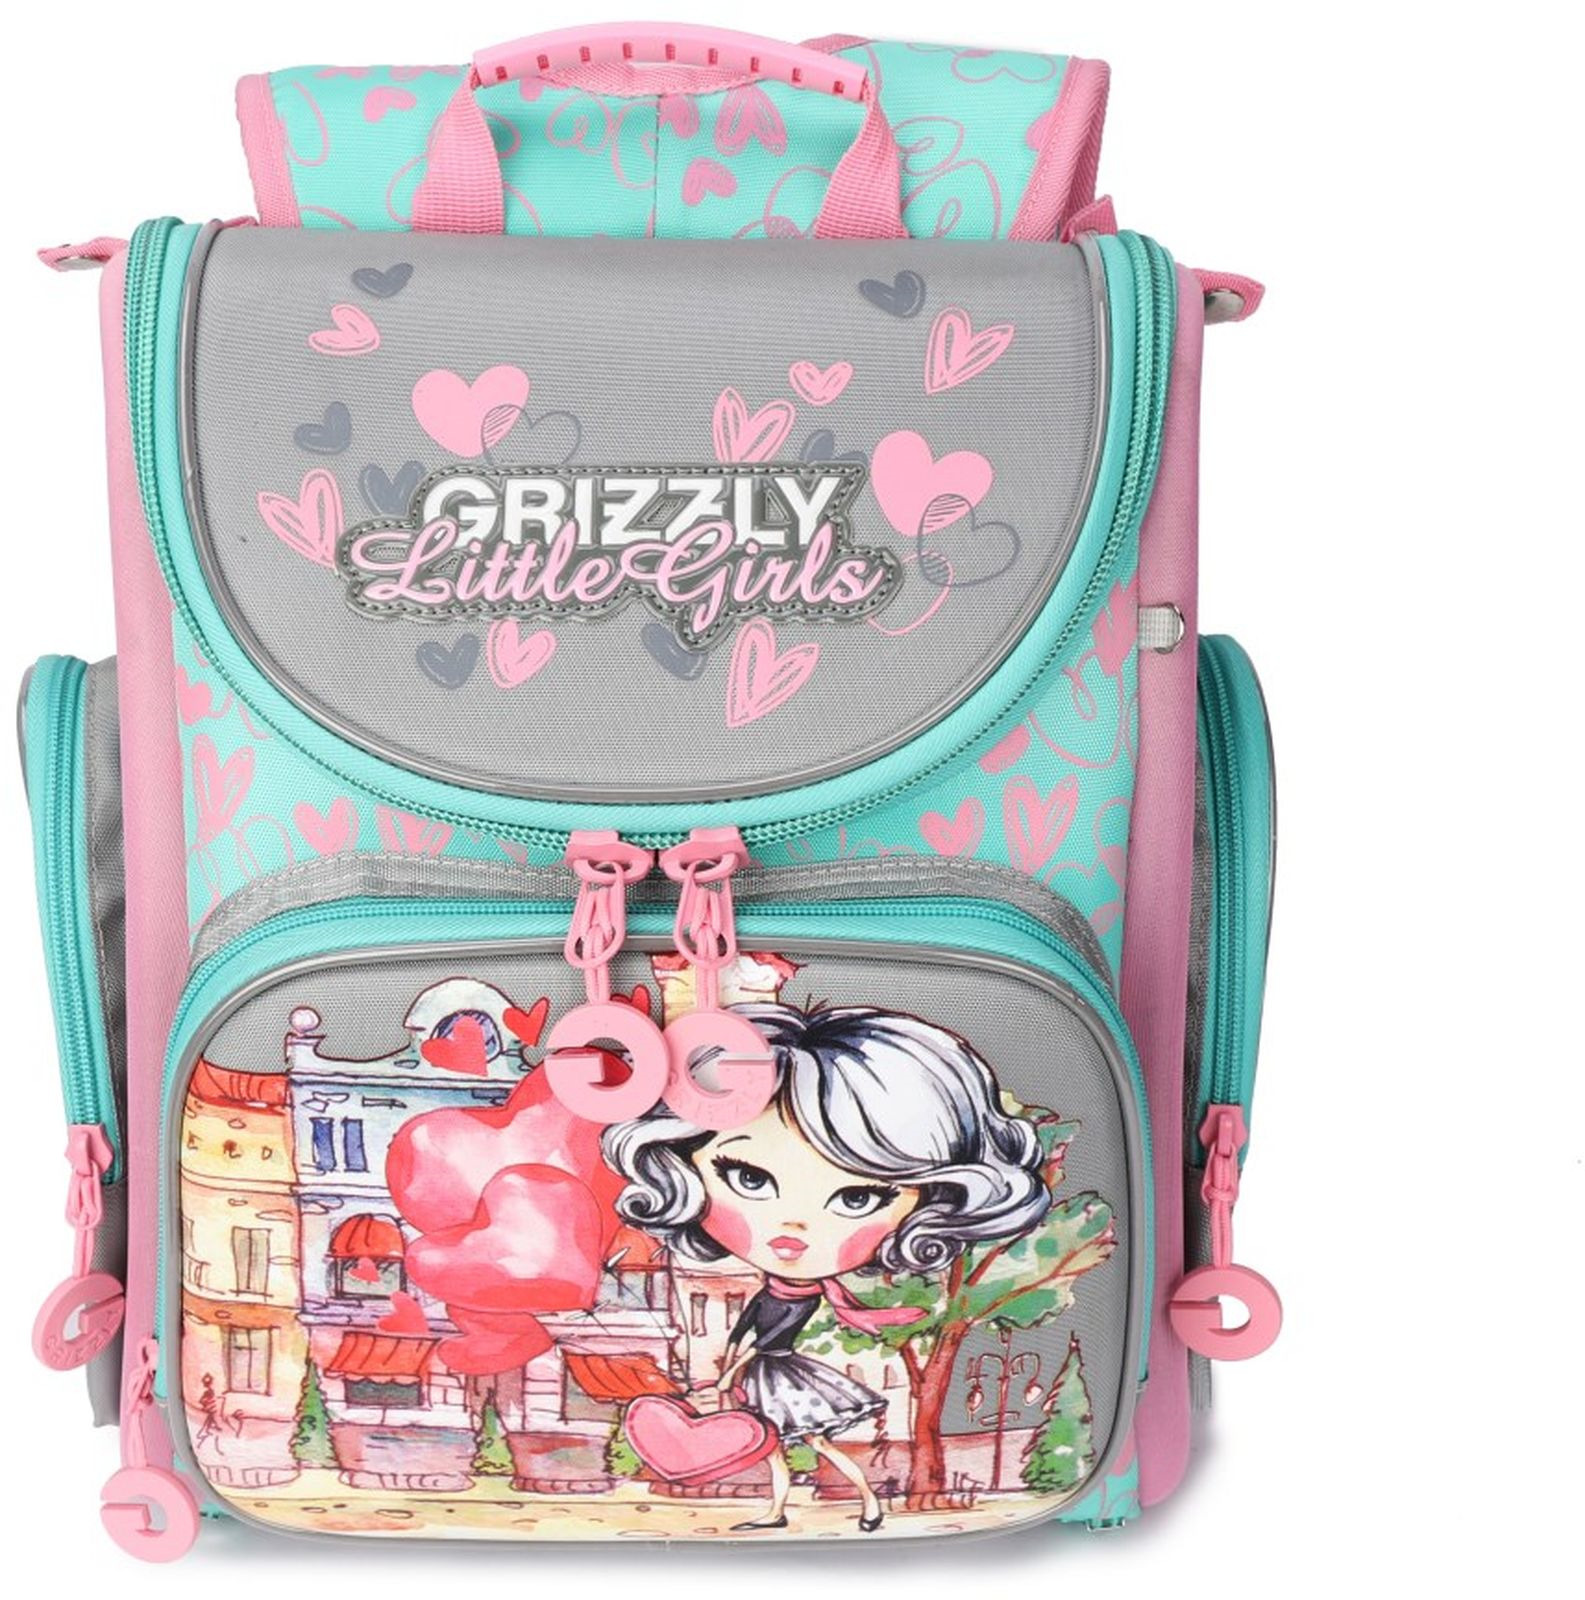 Рюкзак школьный Grizzly, RA-971-3/1, розовый, серый